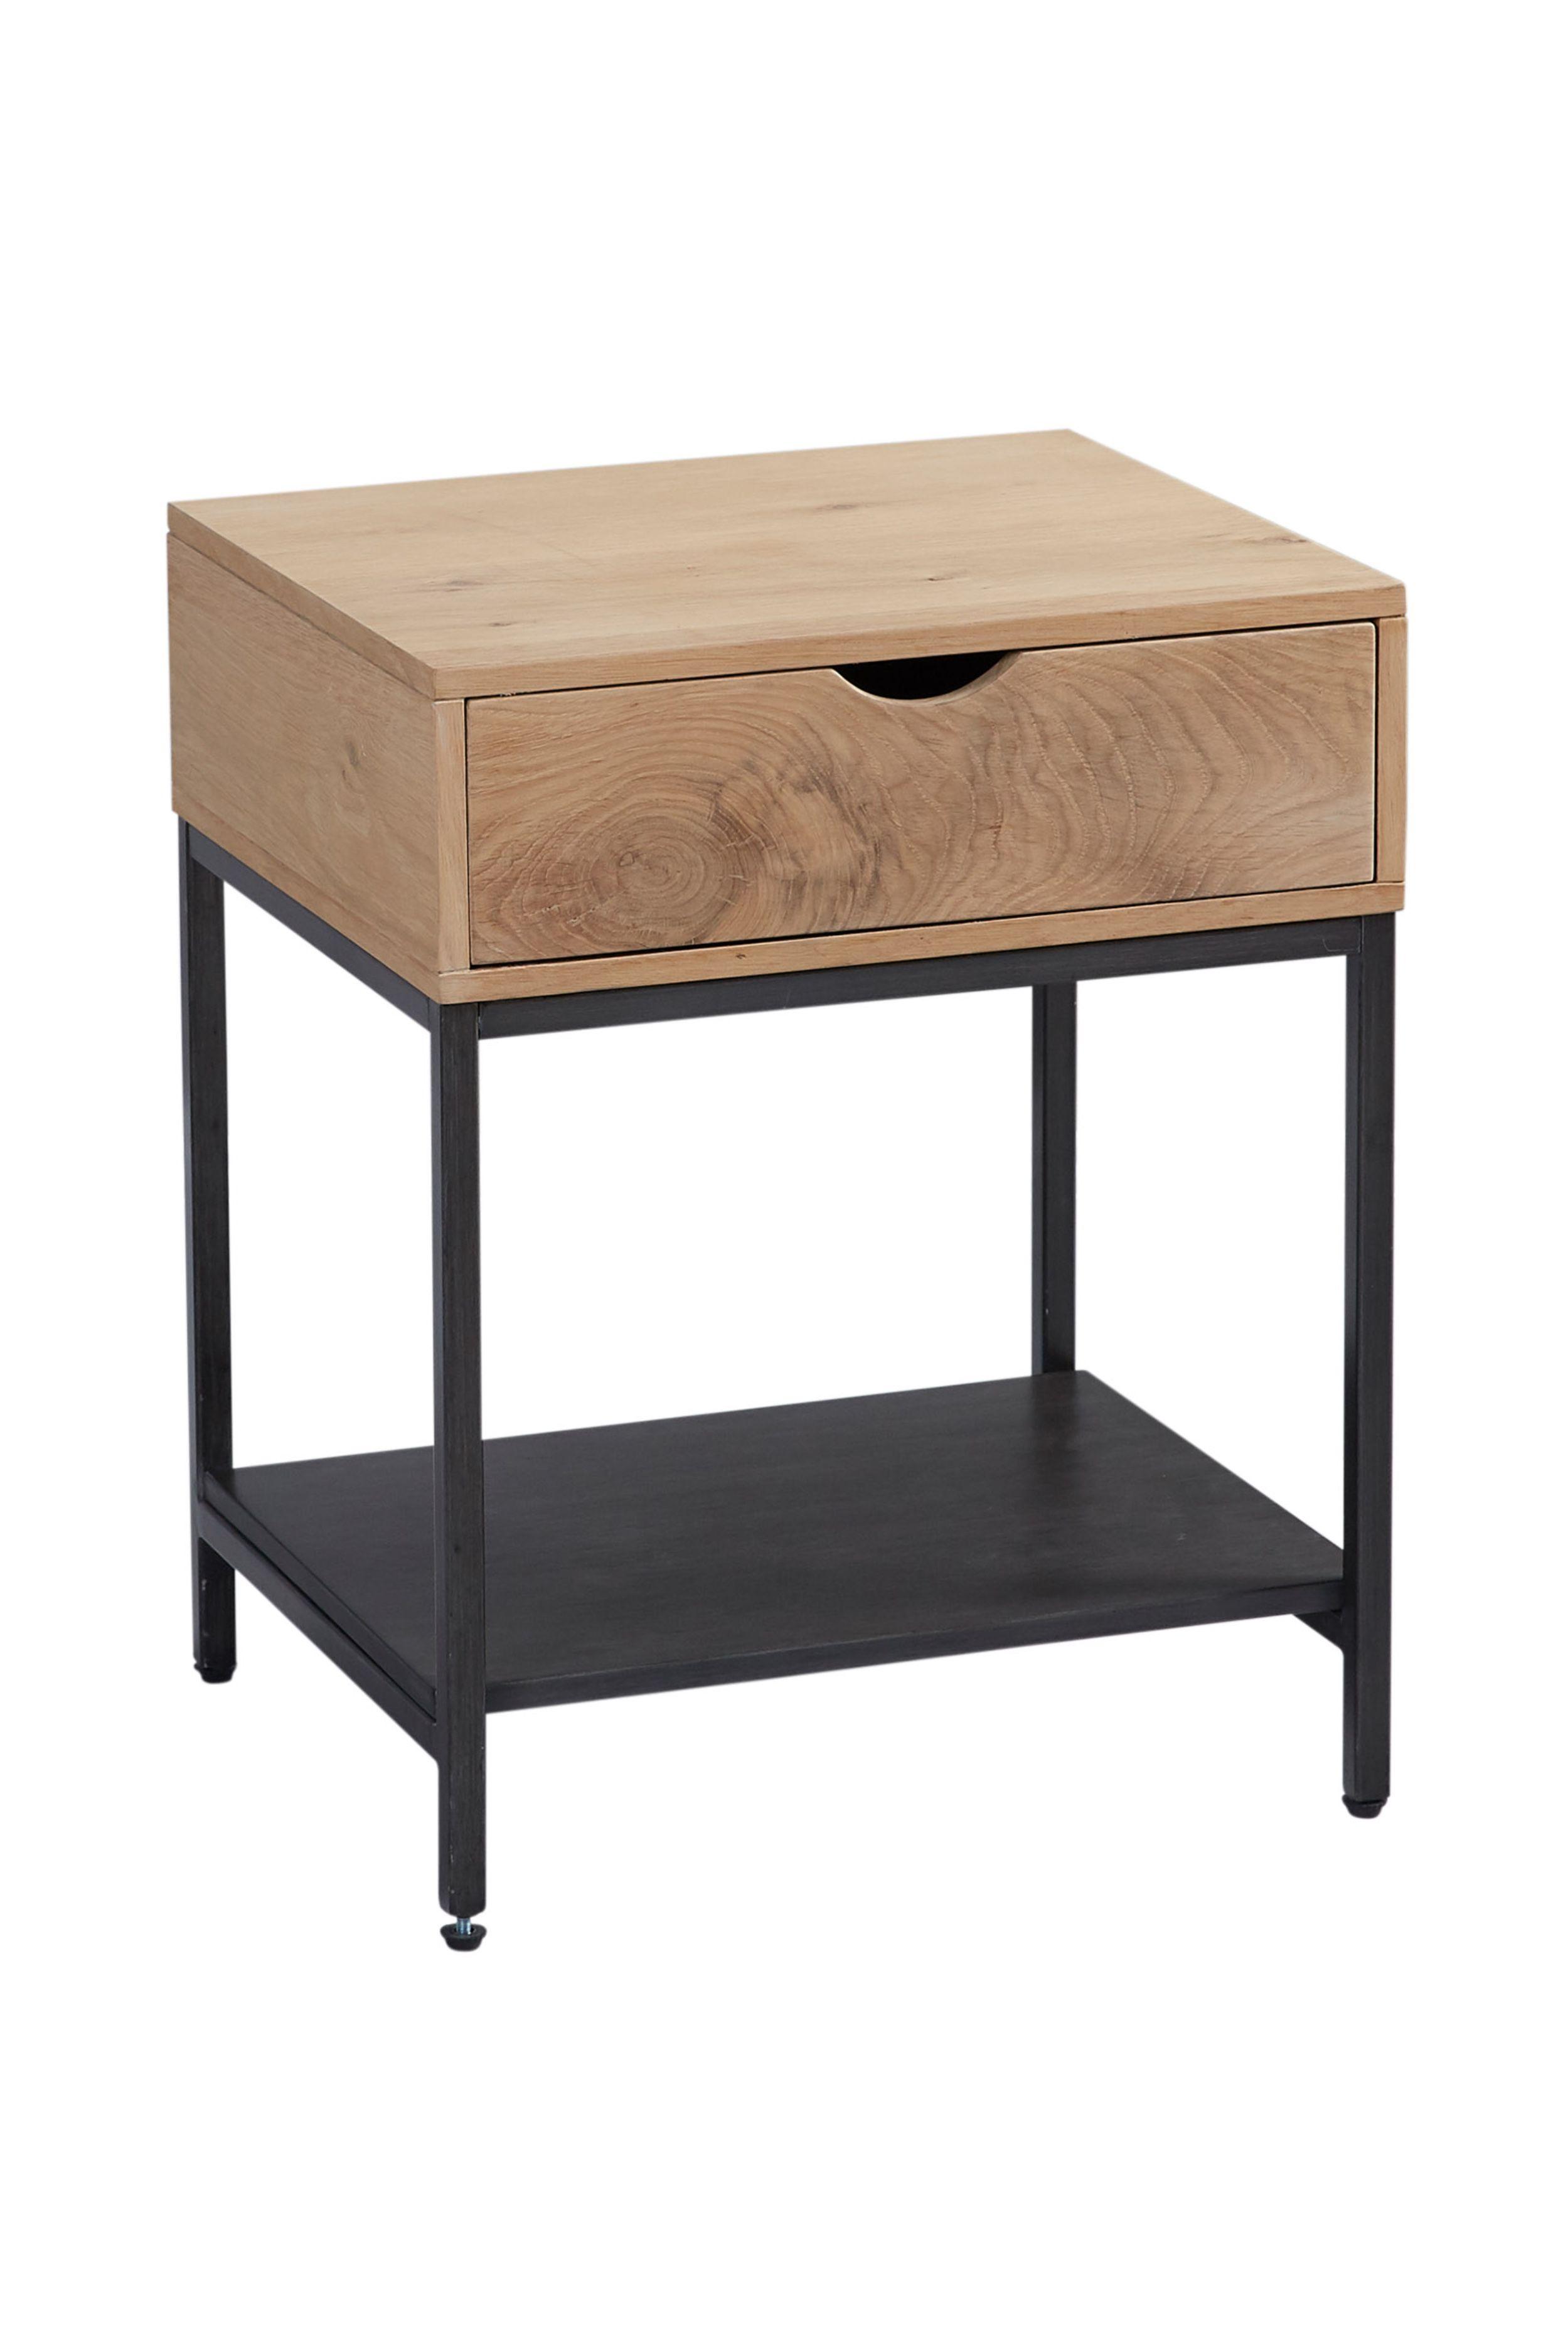 Nachttisch Mit Schublade Nachttisch Schublade Nachttisch Beistelltisch Eiche